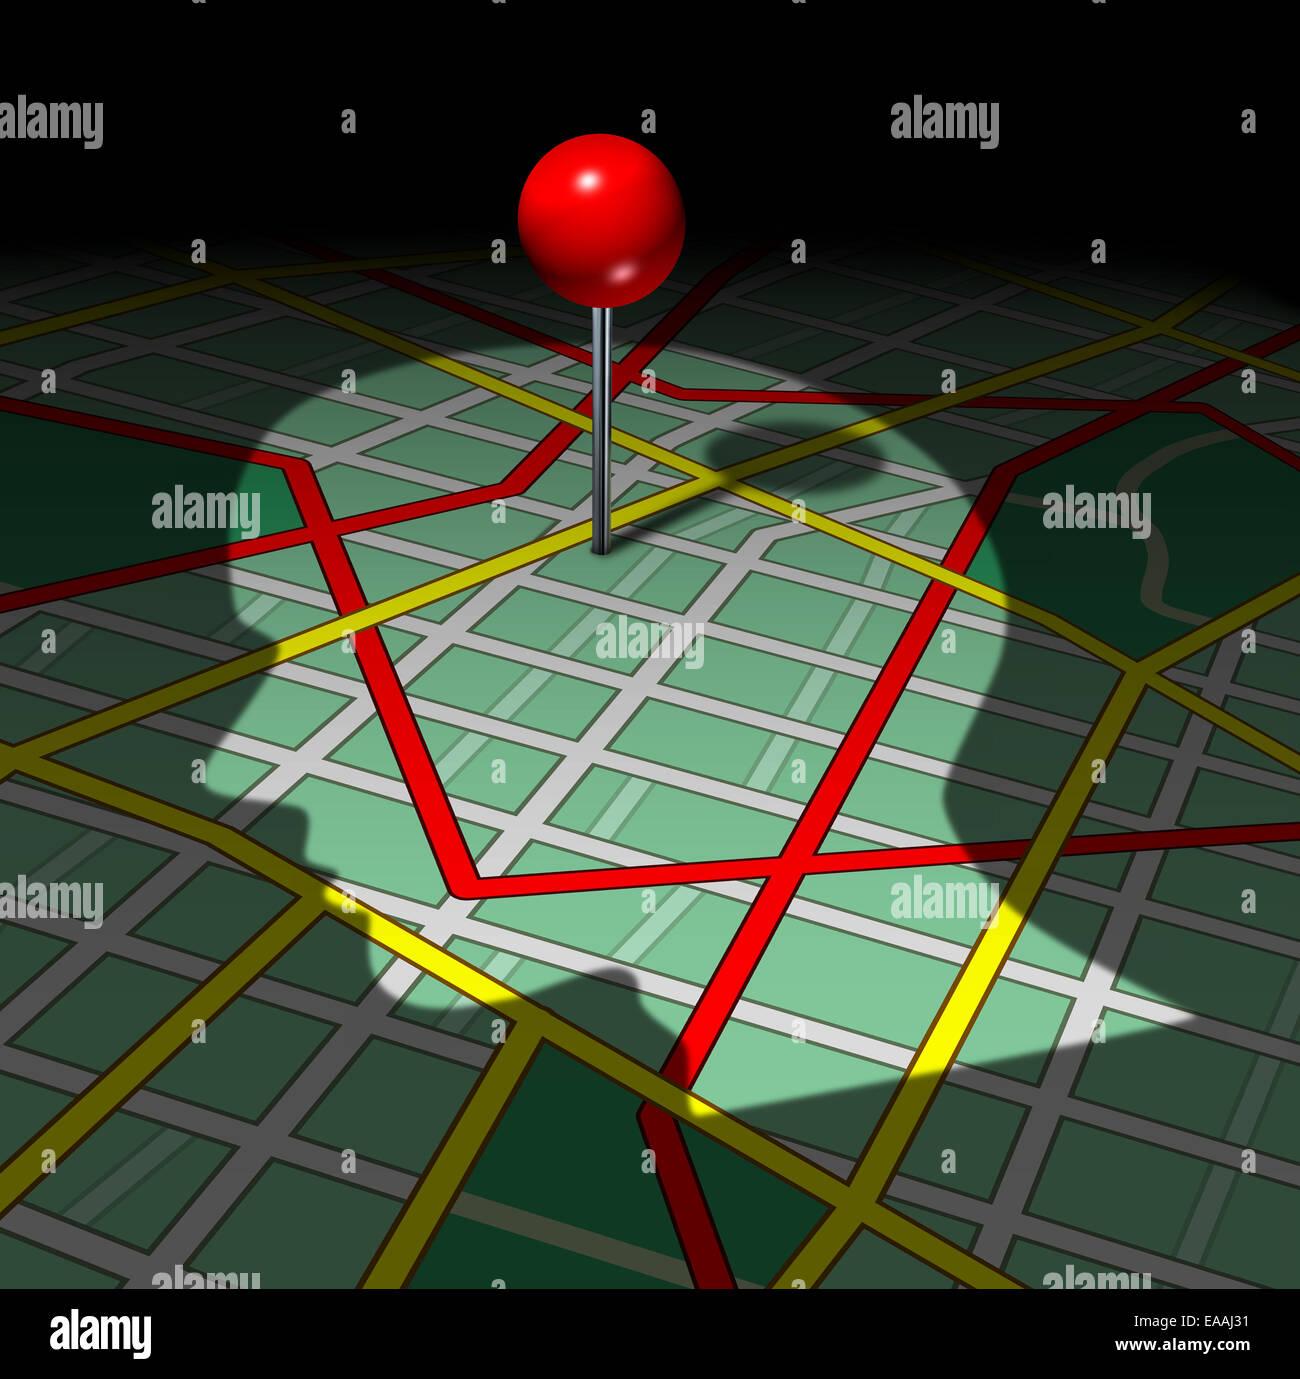 Umano mappa stradale e della vita il concetto di direzione come un ombra di persone faccia o testa gettata su di Immagini Stock